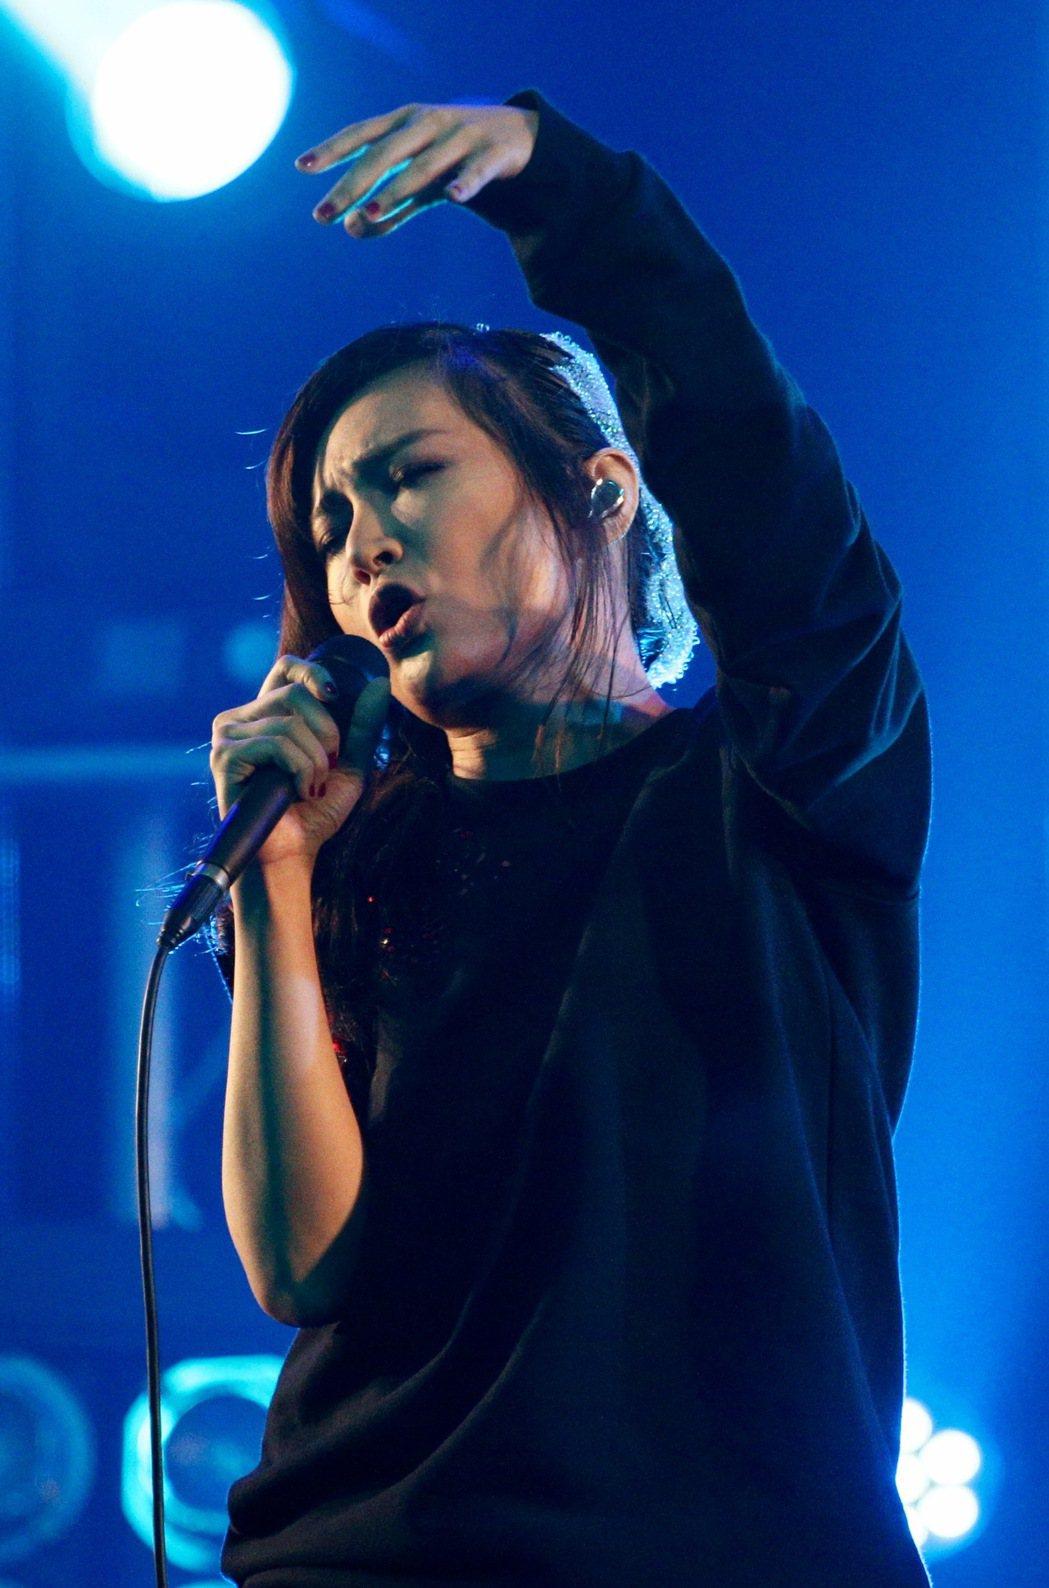 Faye飛在台北Legacy舉行《小太空》新專輯巡演。記者林伯東/攝影